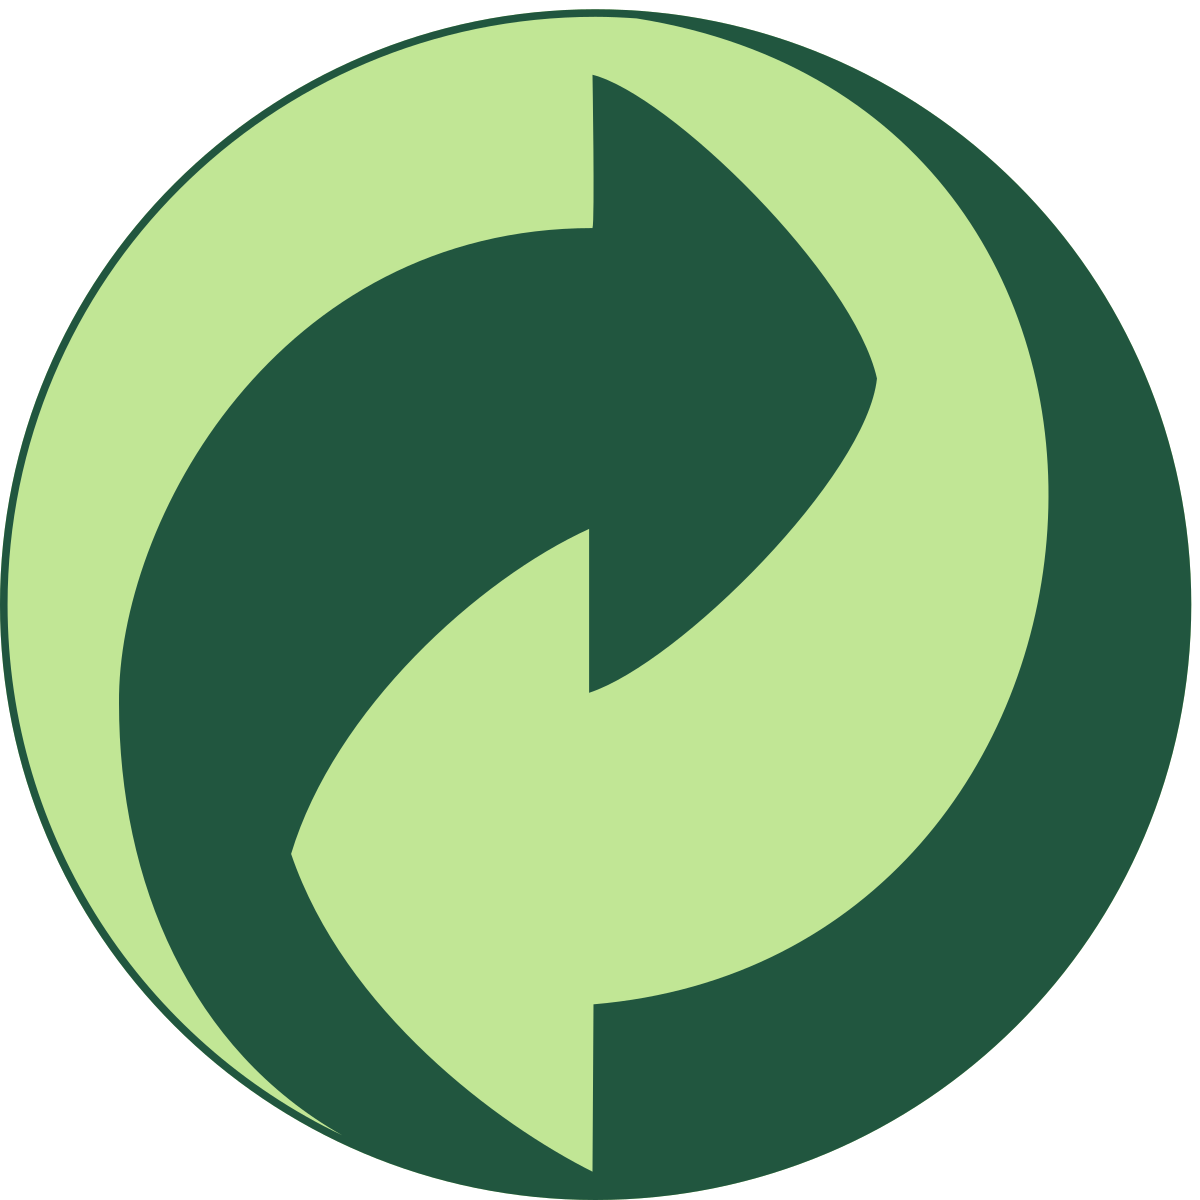 Знак переработки Зеленая точка